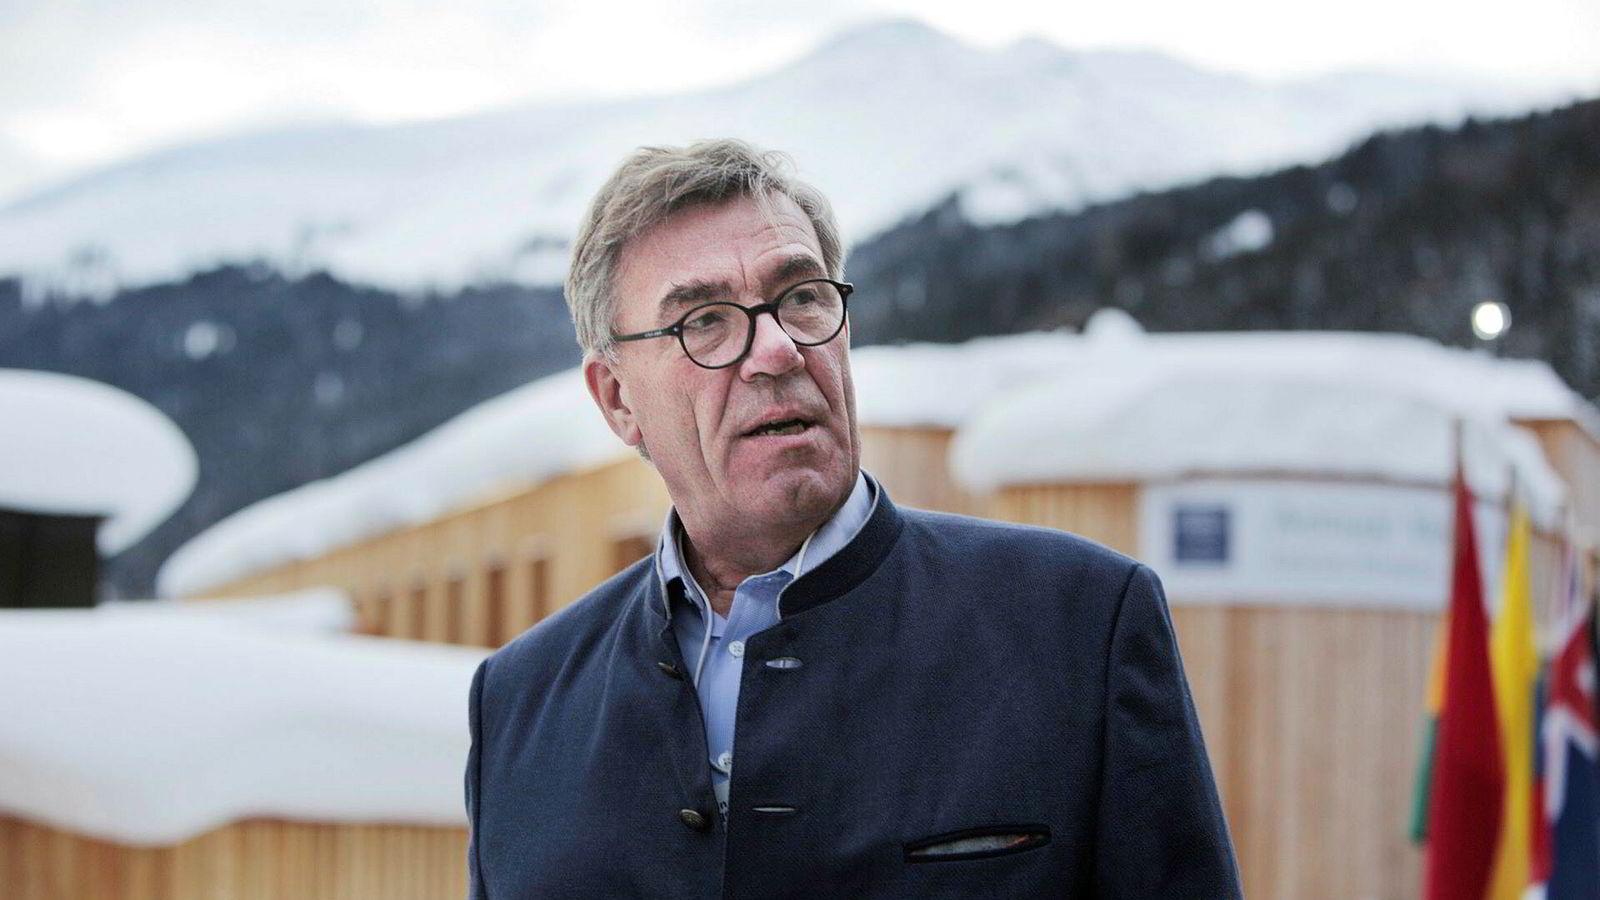 Snødyngene henger tungt over Davos. Mandag kom Orkla-styreleder Stein Erik Hagen for å delta på enda et World Economic Forum. Hans første var i 2002.